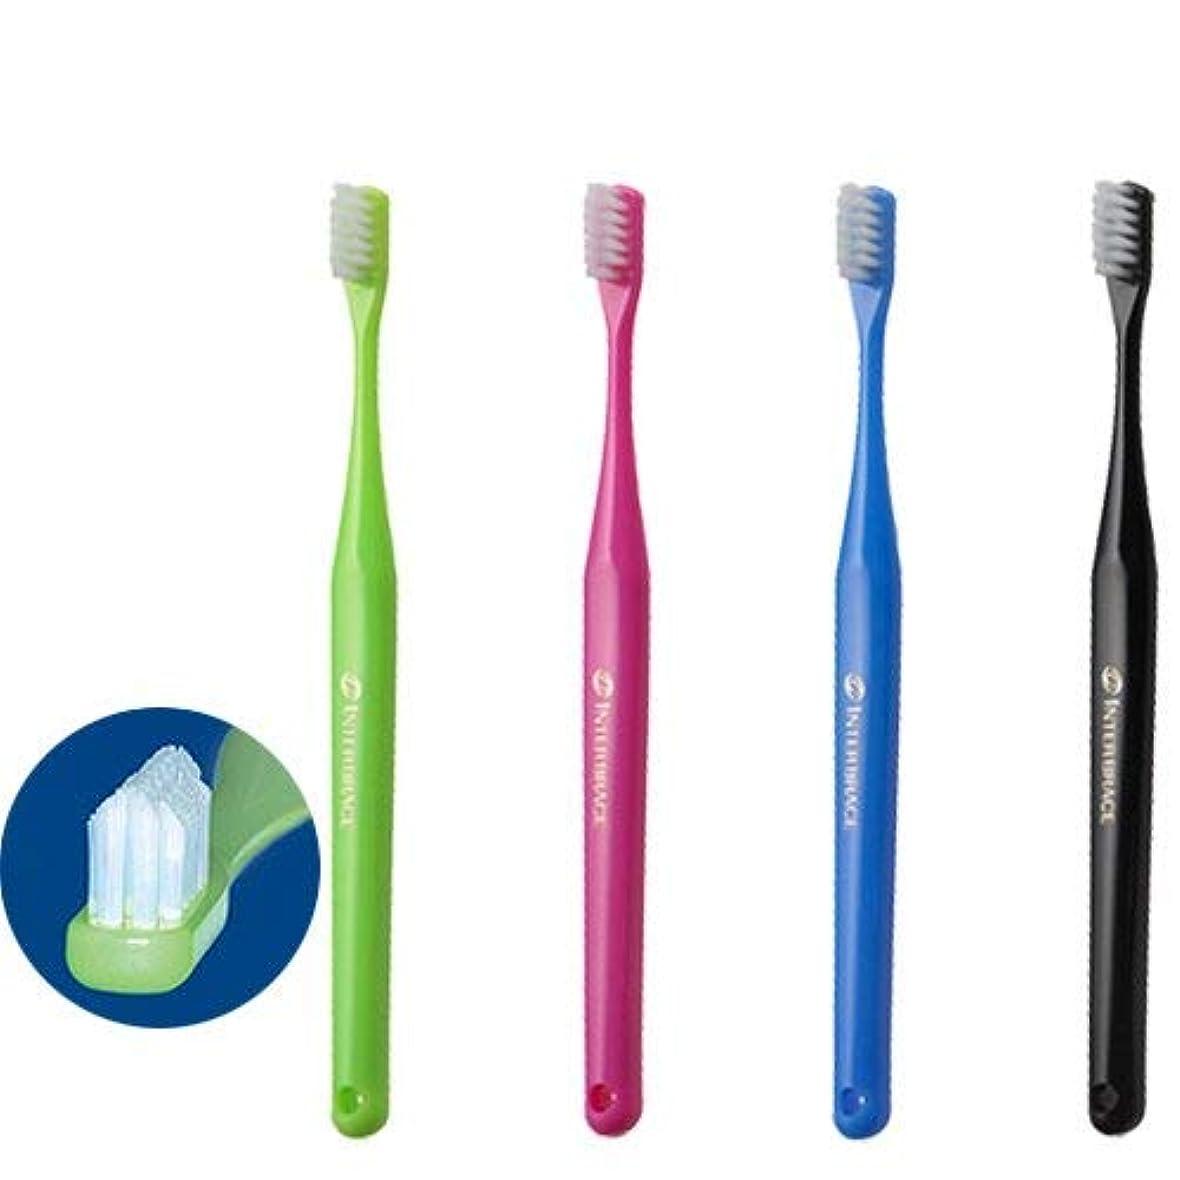 遺跡出しますディンカルビルインターブレイス (INTER BRACE) ×8本 矯正用歯ブラシ 歯科医院取扱品